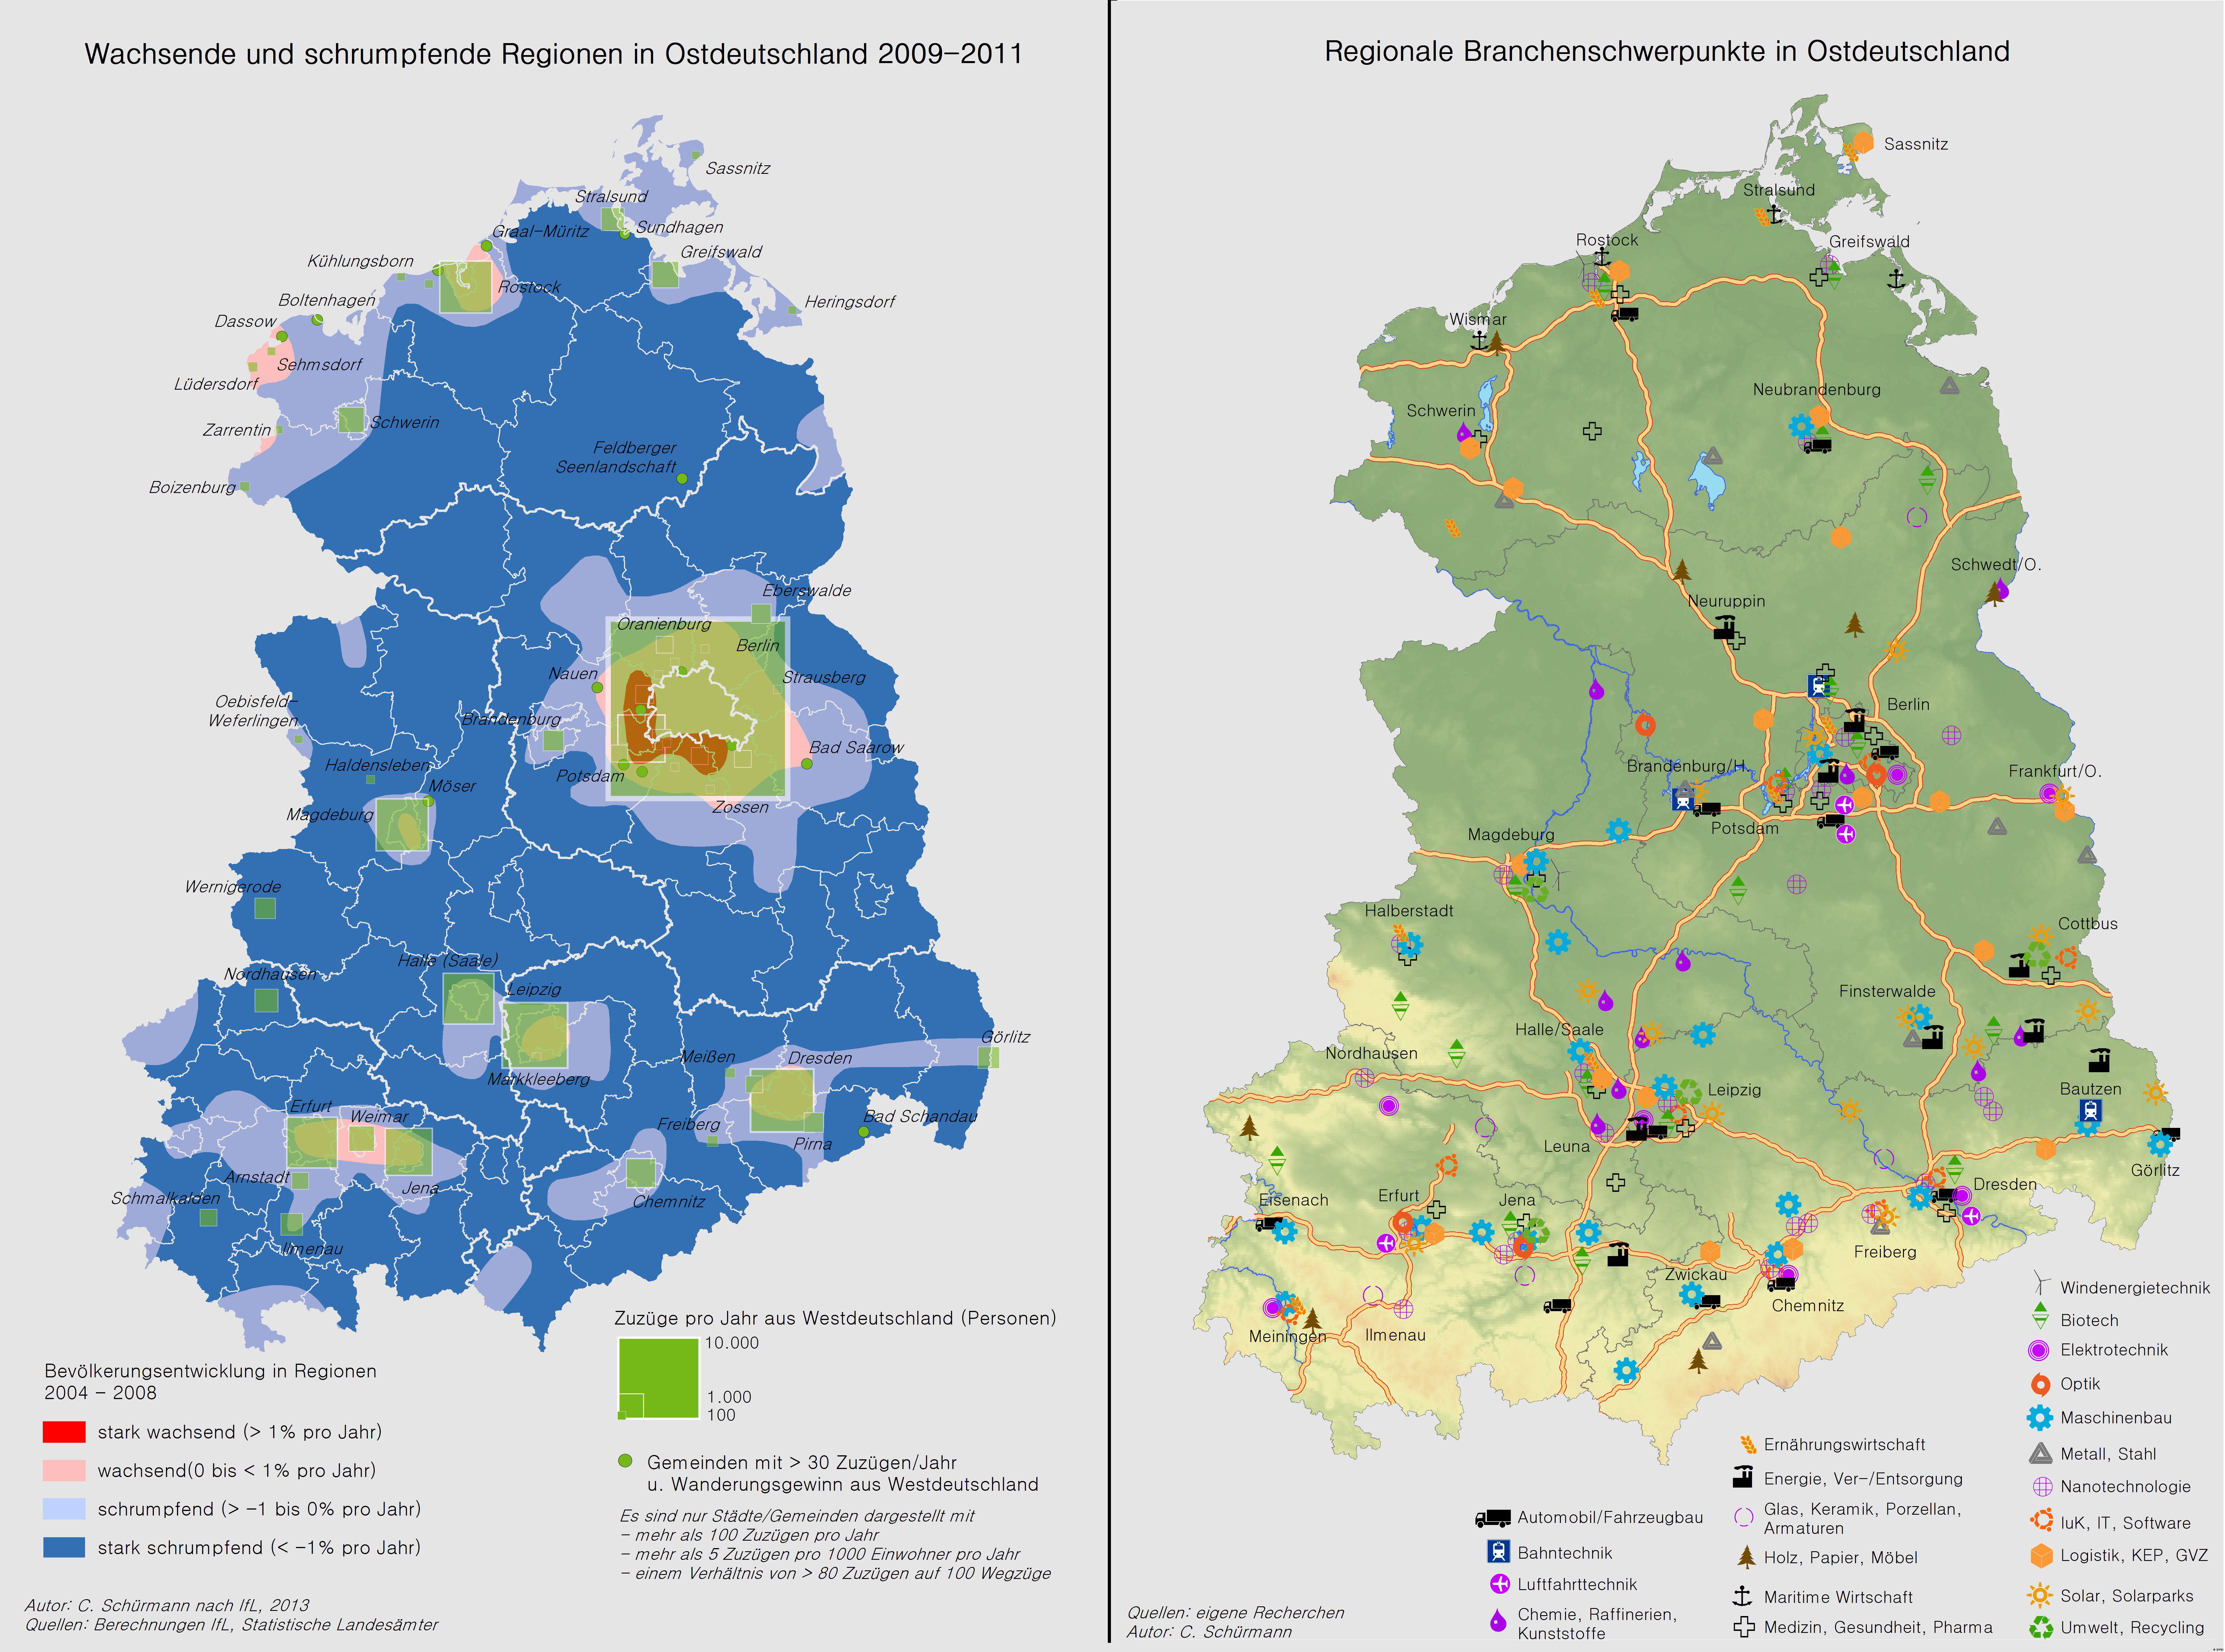 Karten zu Bevölkerungentwicklung und Branchenschwerpunkten aus dem Atlas der Industrialisierung der neuen Bundesländer (Grafik: BMWi)